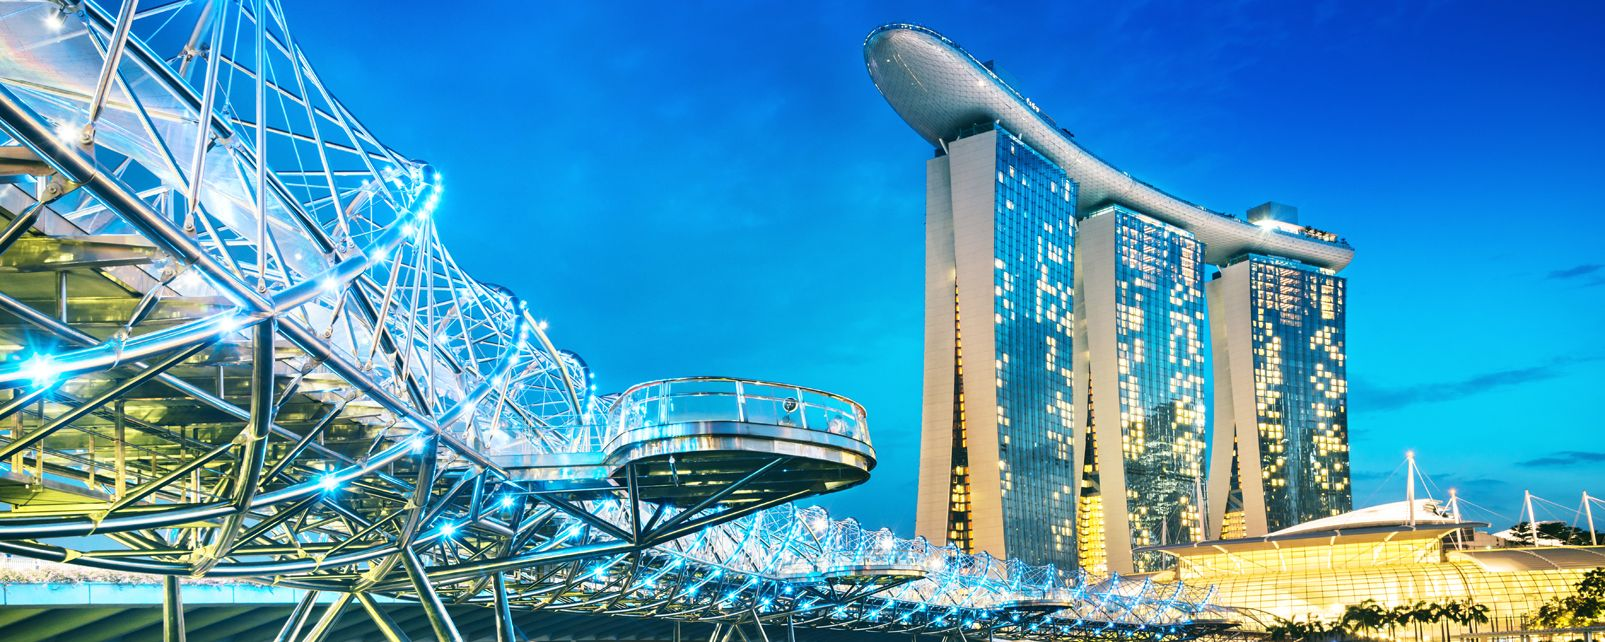 H tel marina bay sands singapour city singapour for Hotel singapour piscine